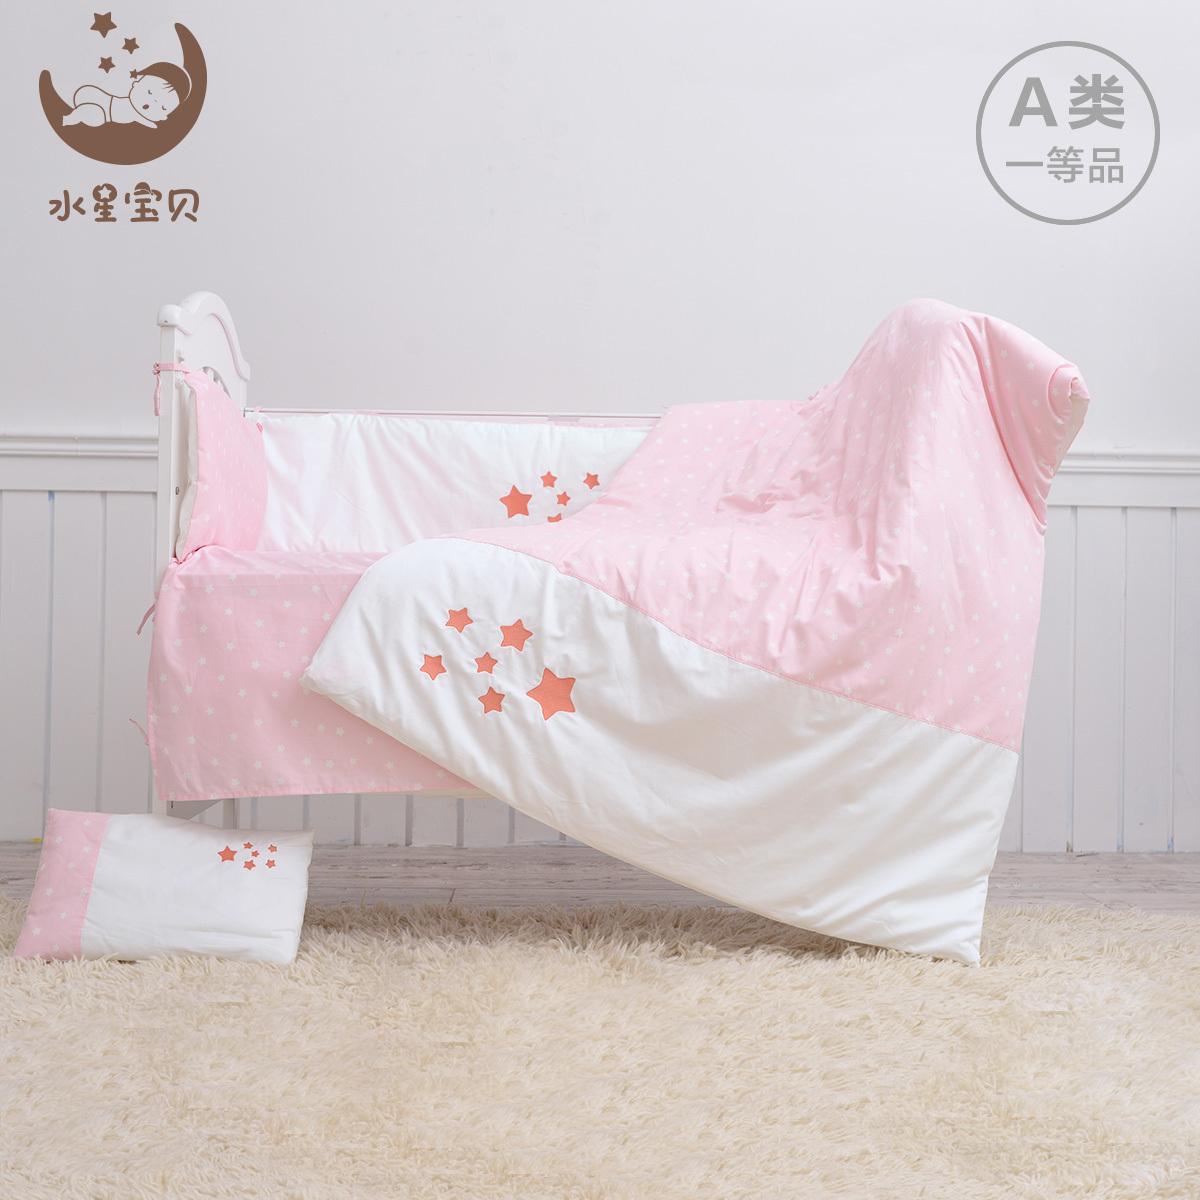 水星家纺婴儿床上用品四件套全棉儿童被套希望之星